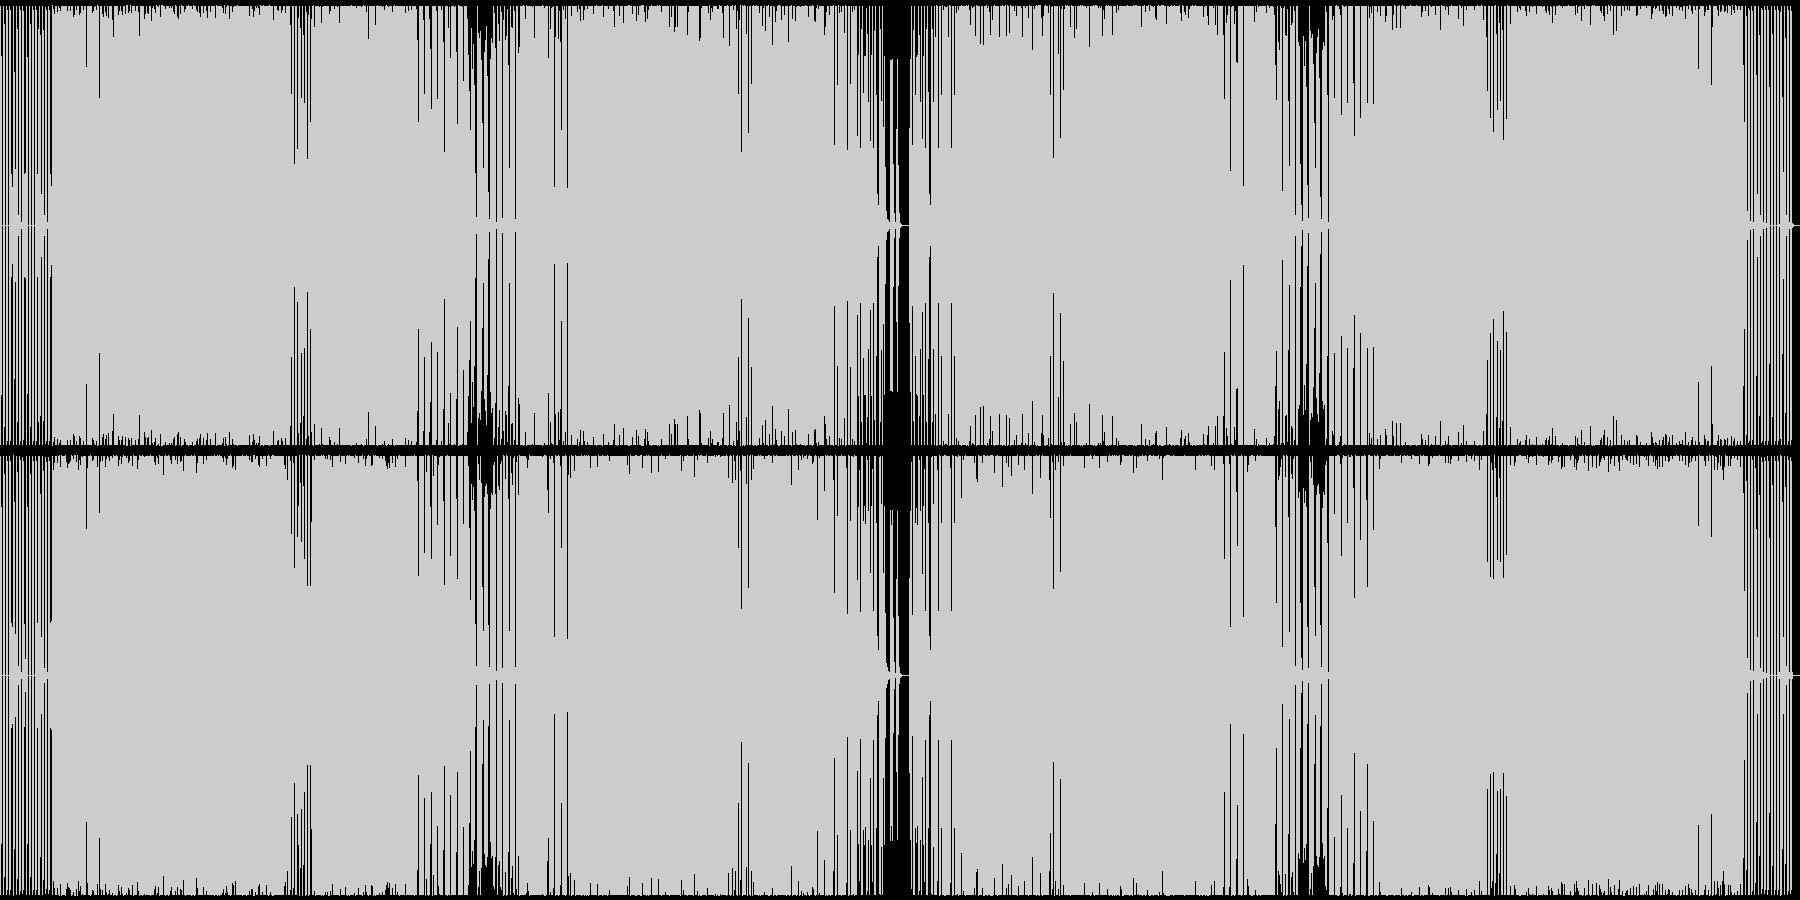 日常的でほのぼのとしたテクノサウンドの未再生の波形